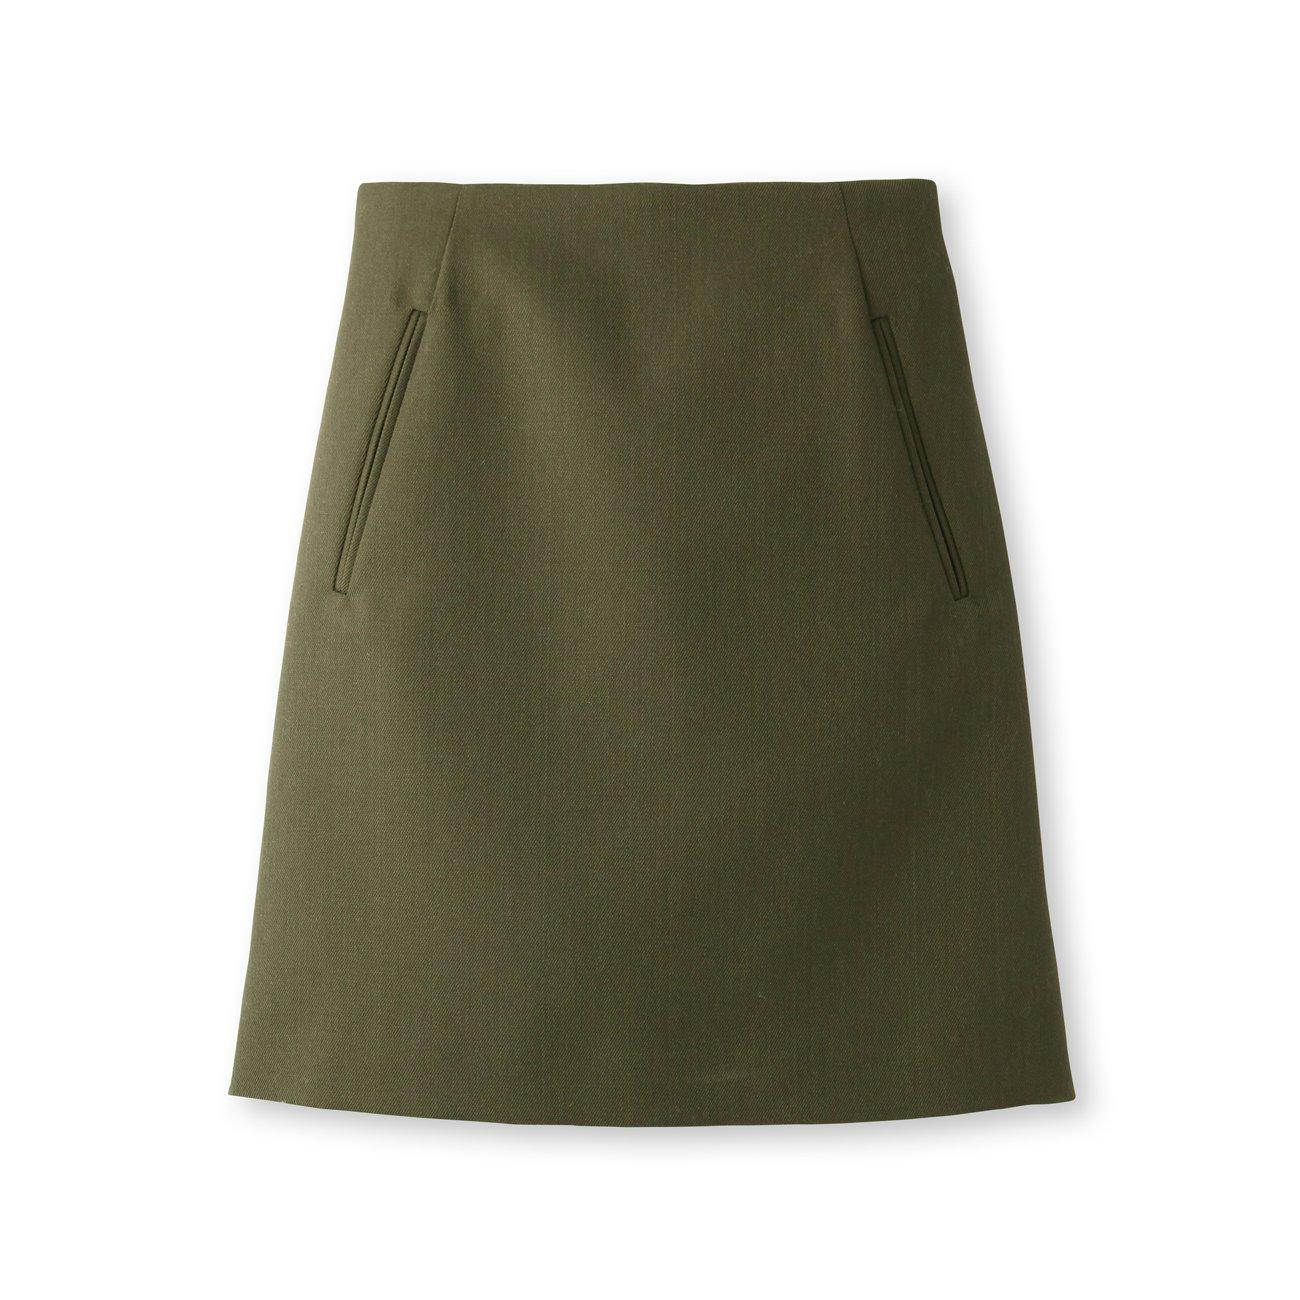 (ドレステリア)DRESSTERIOR ミリタリーサージスカート : 服&ファッション小物通販 | Amazon.co.jp